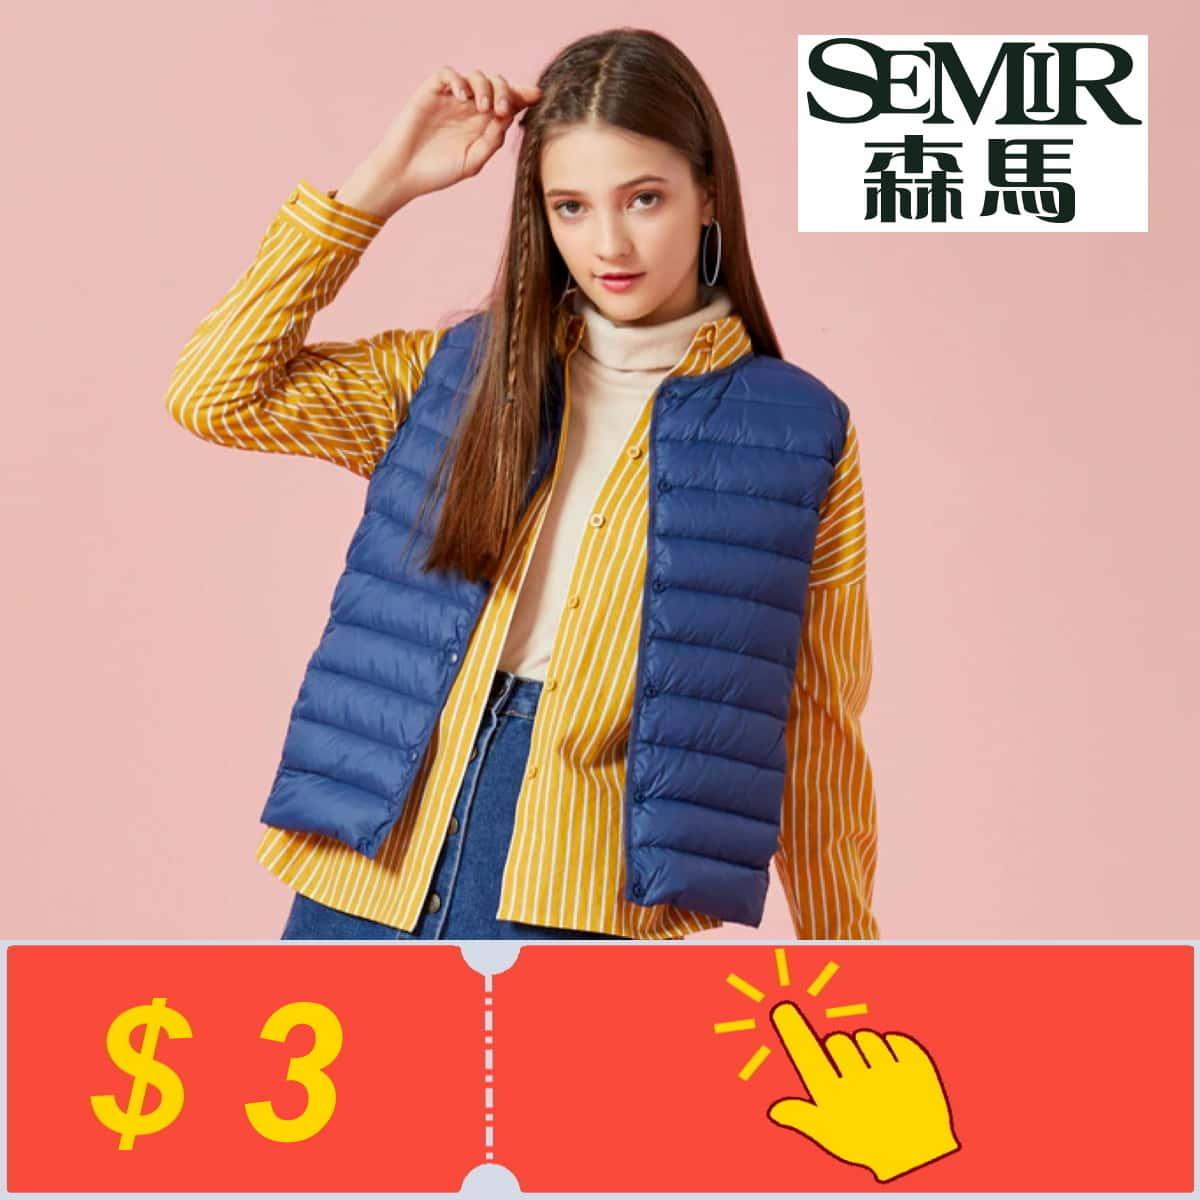 Получите купоны от Semir Official Store на Алиэкспресс